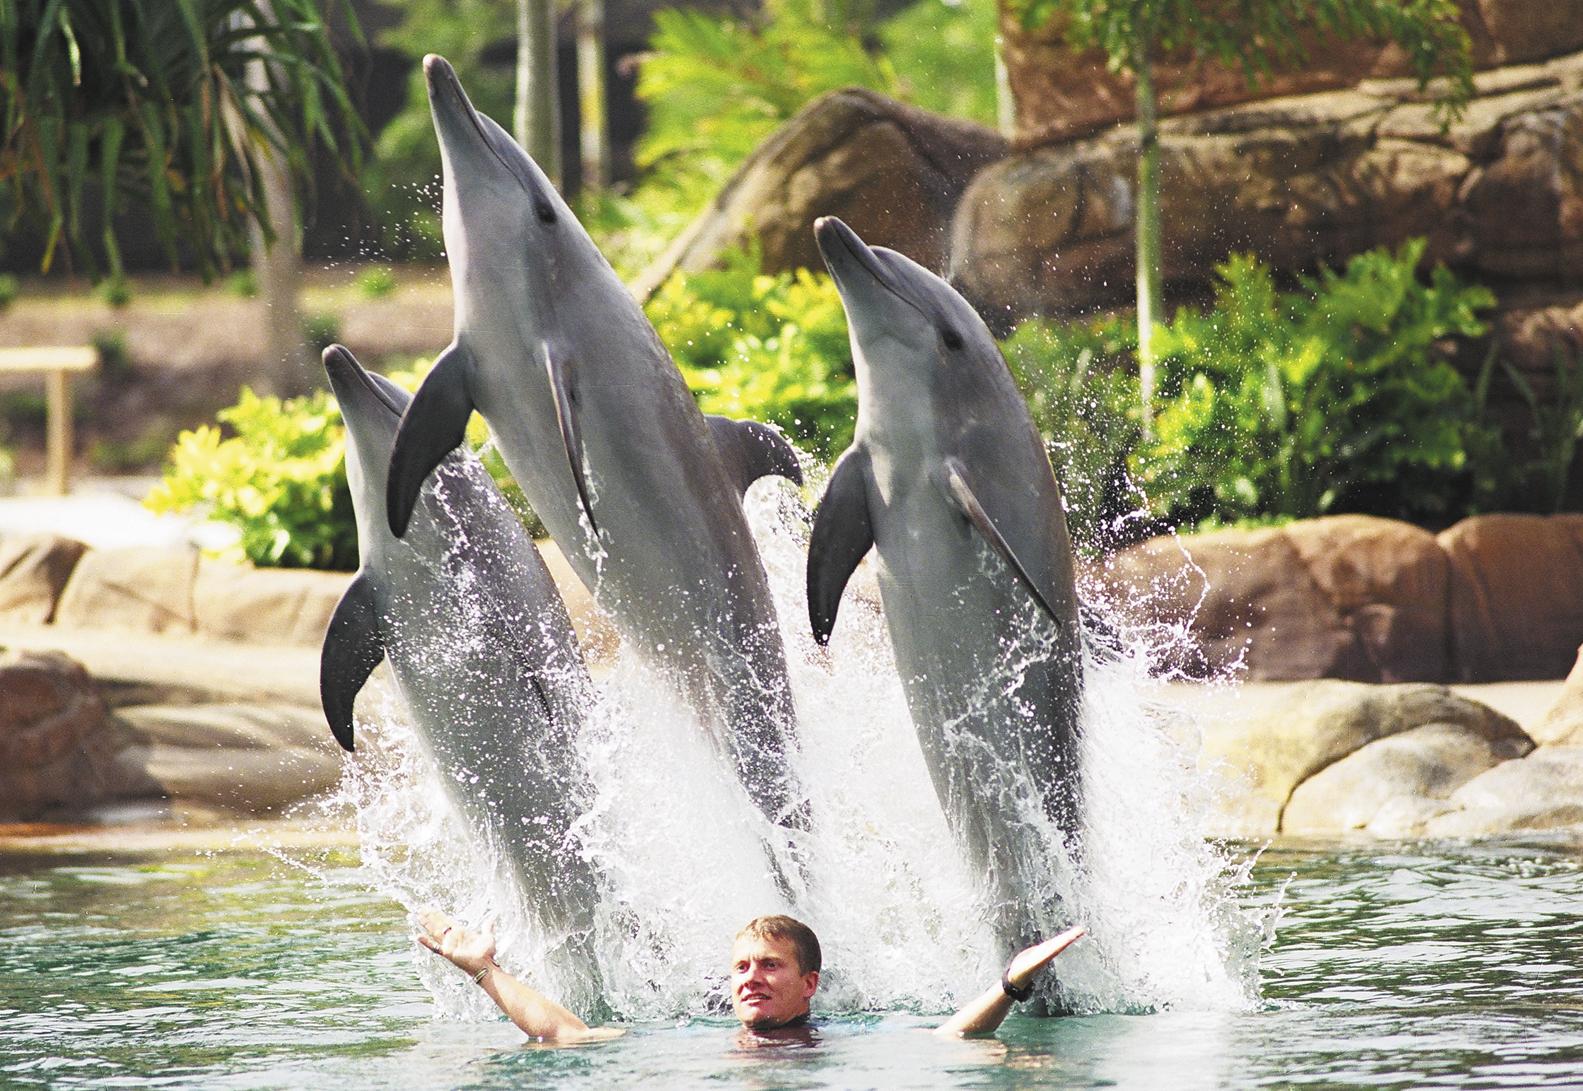 澳大利亚旅游黄金海岸华纳电影世界门票 送园内8折个人消费券 海洋世界 天堂农庄 狂野水世界 自助午餐 考拉照